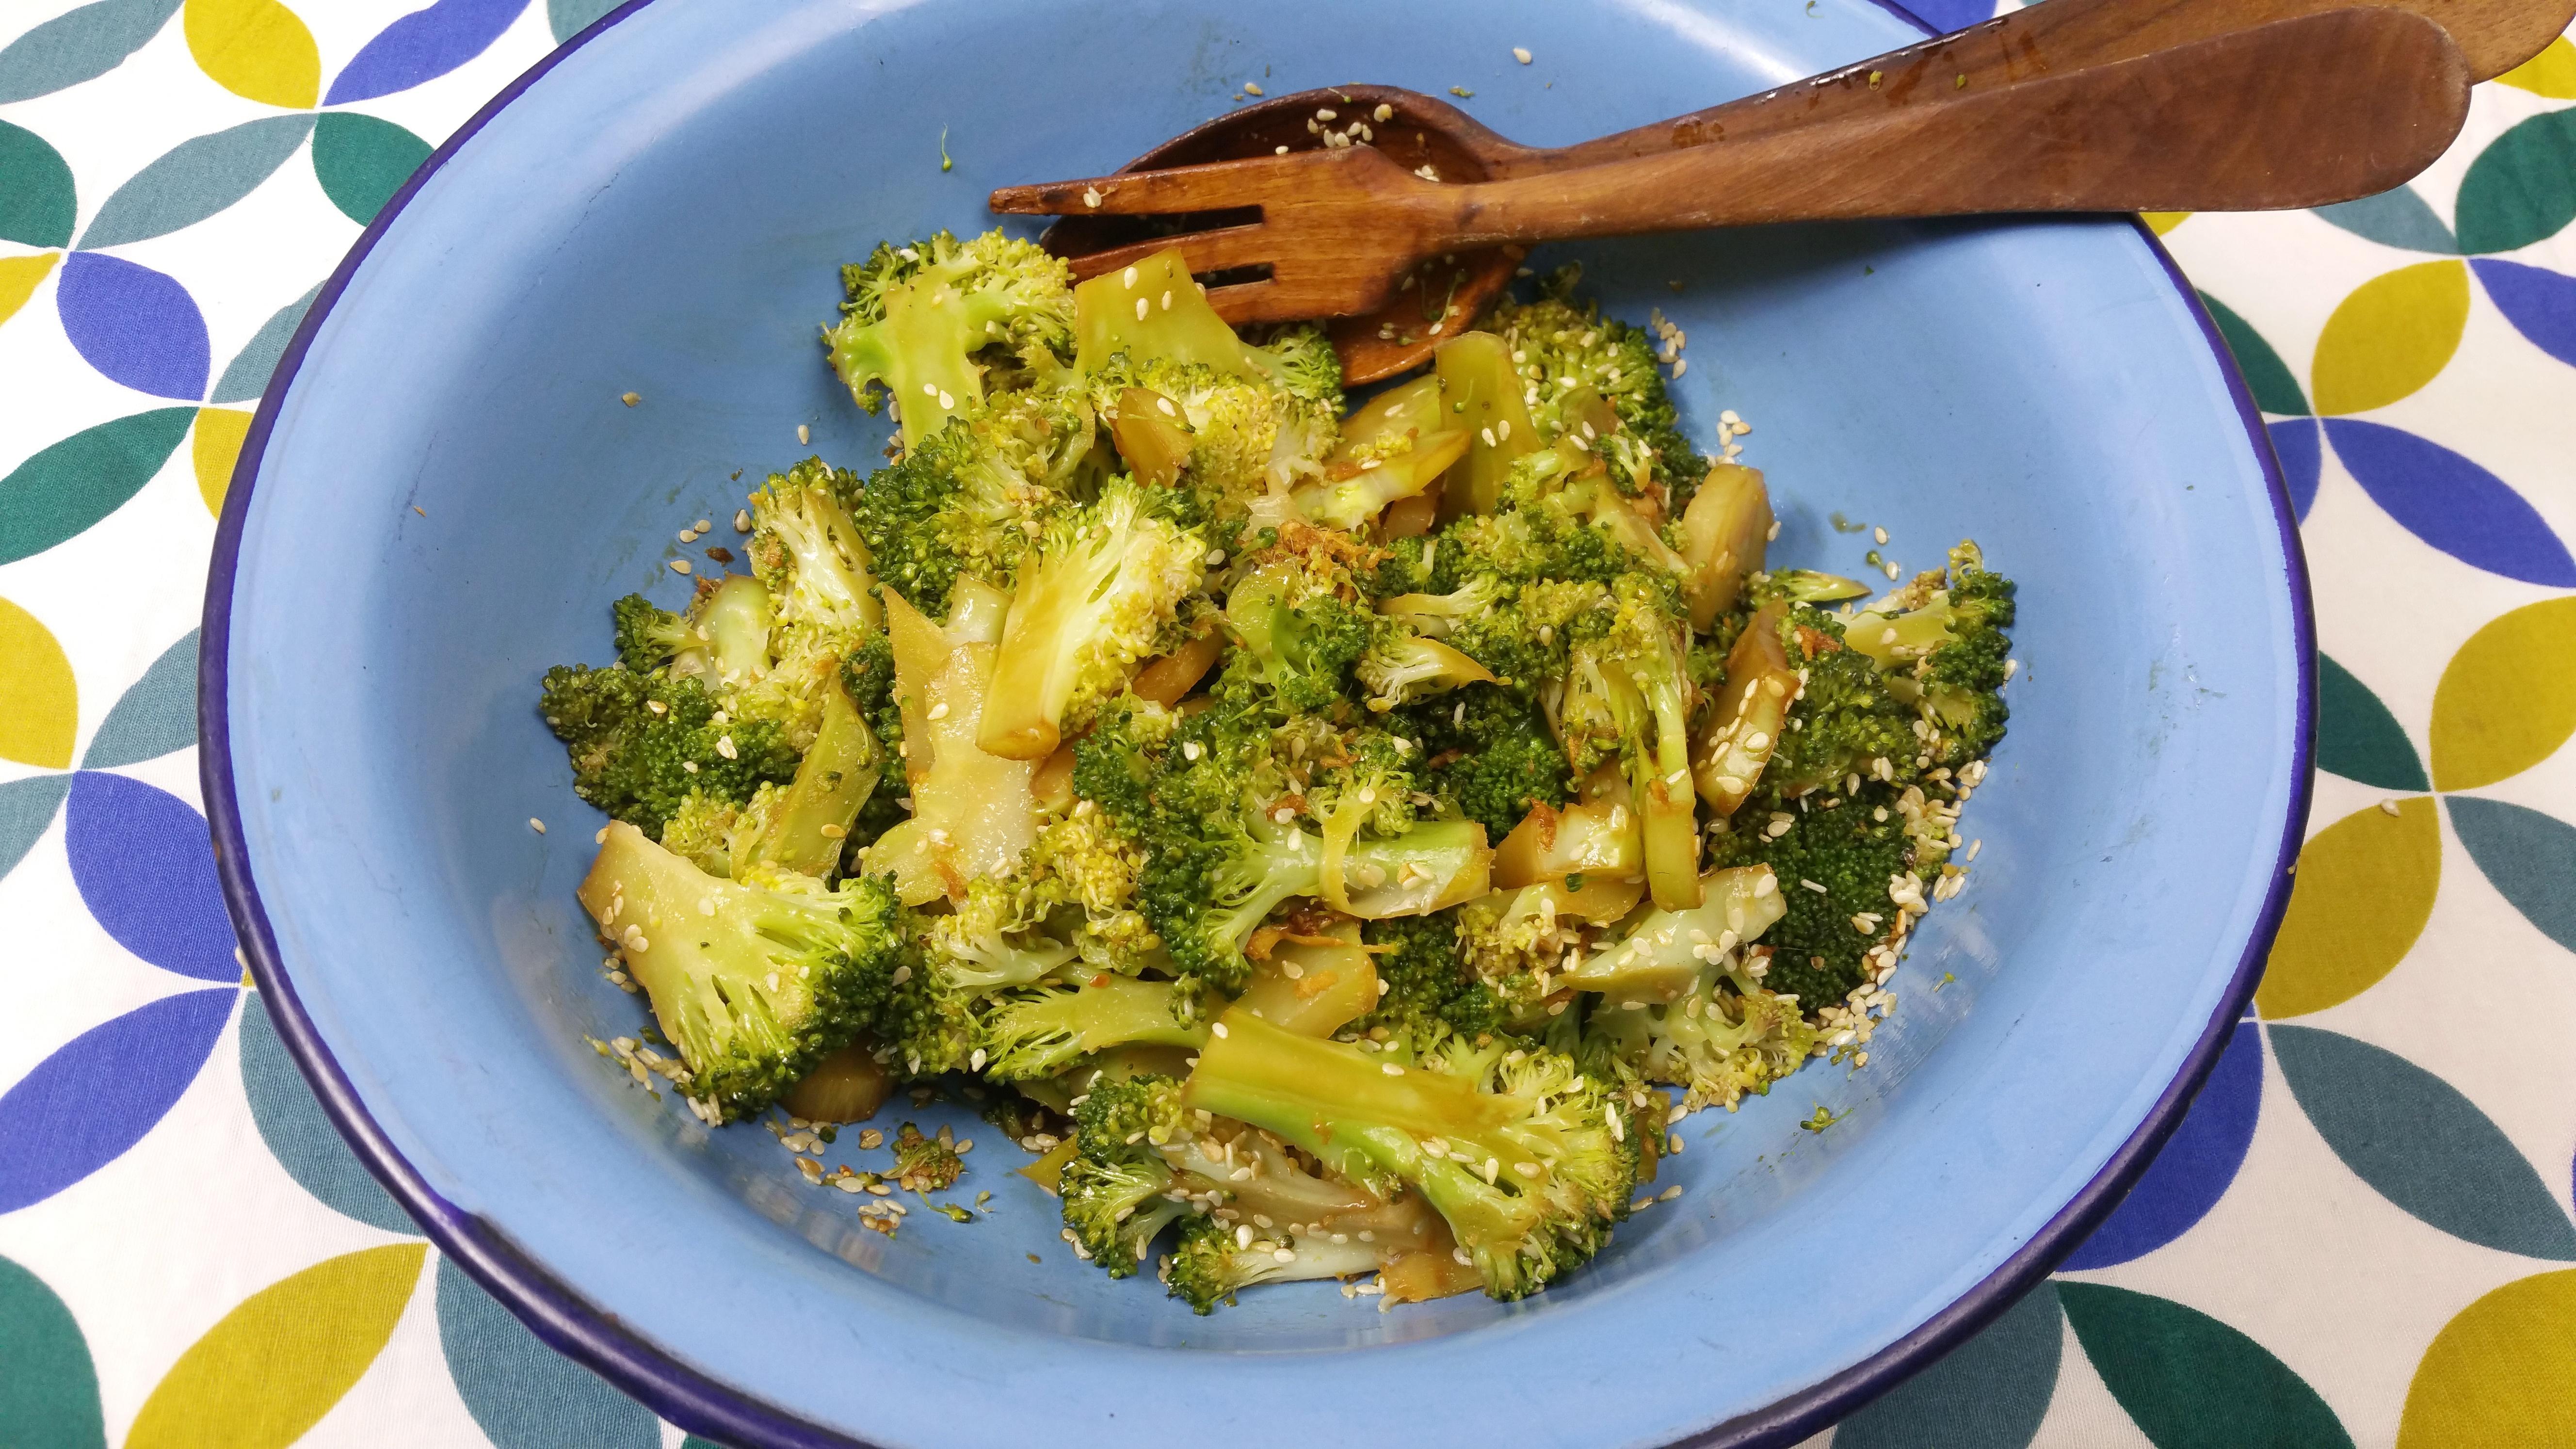 Uitgelichte foto voor het bericht Broccoli met gember en sesamzaad